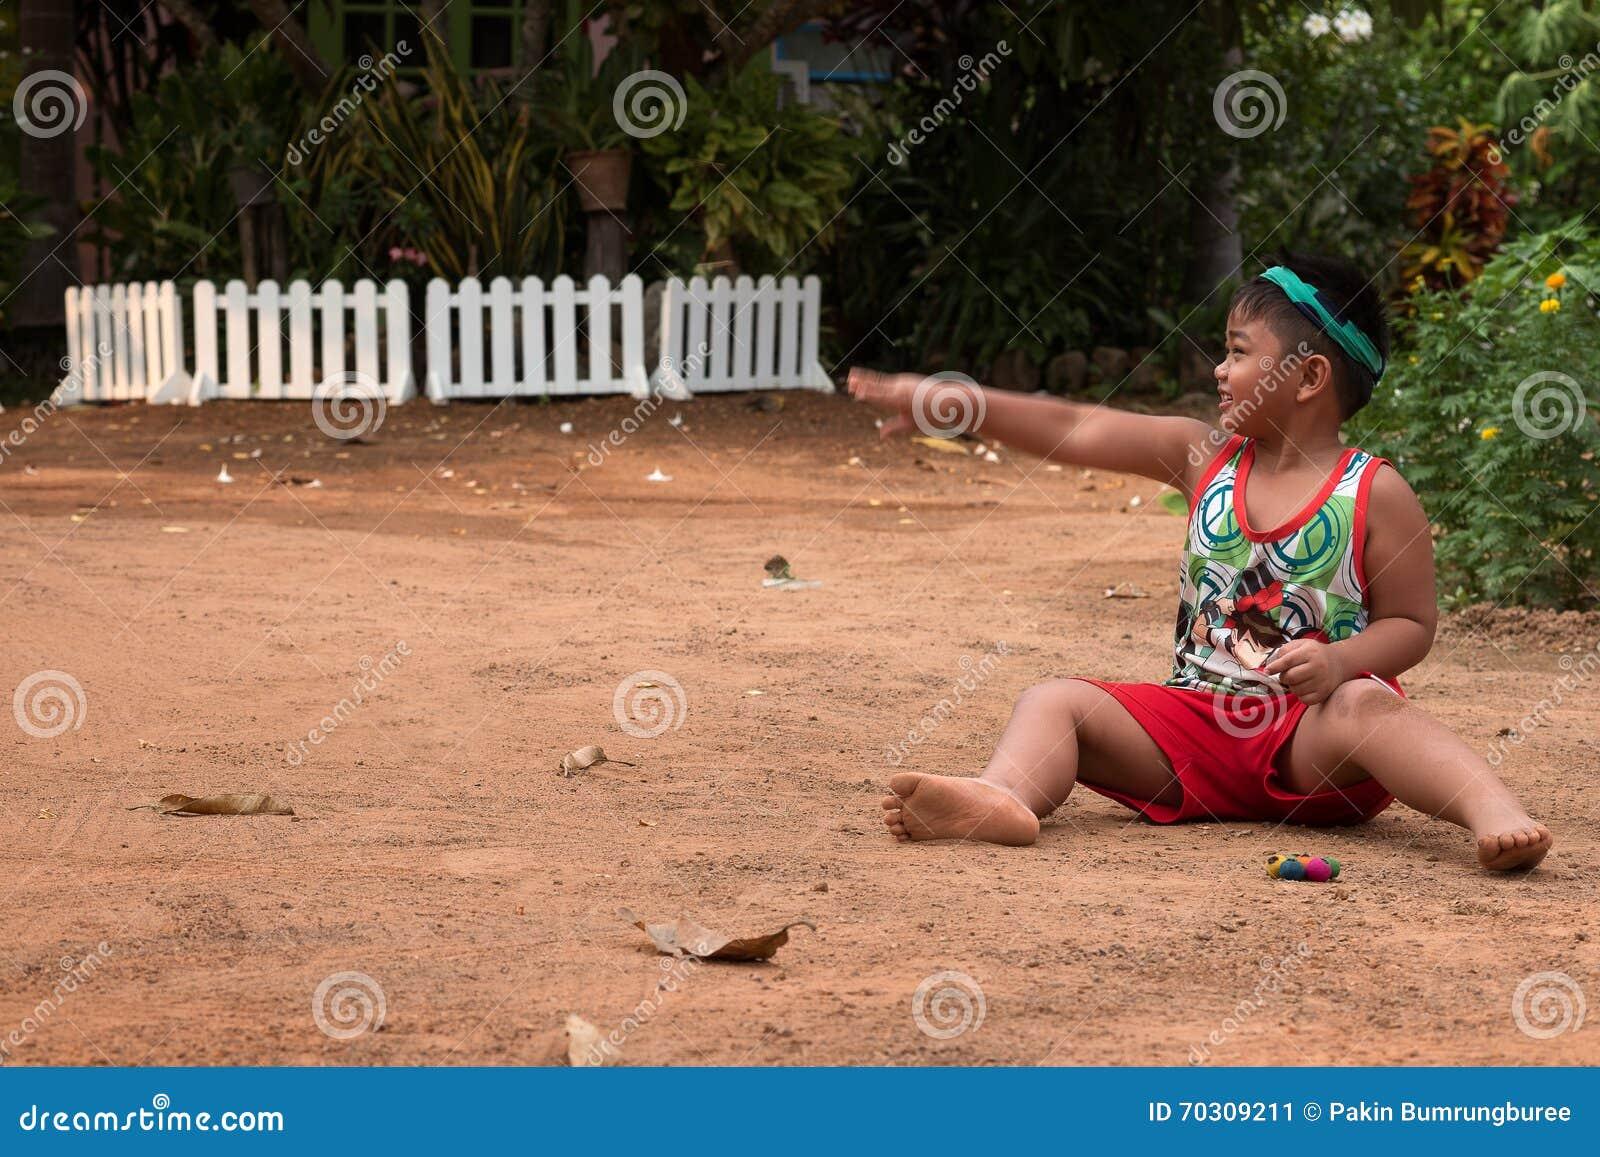 Asiatisches Kind, das mit Sand und Ball im Spielplatz spielt